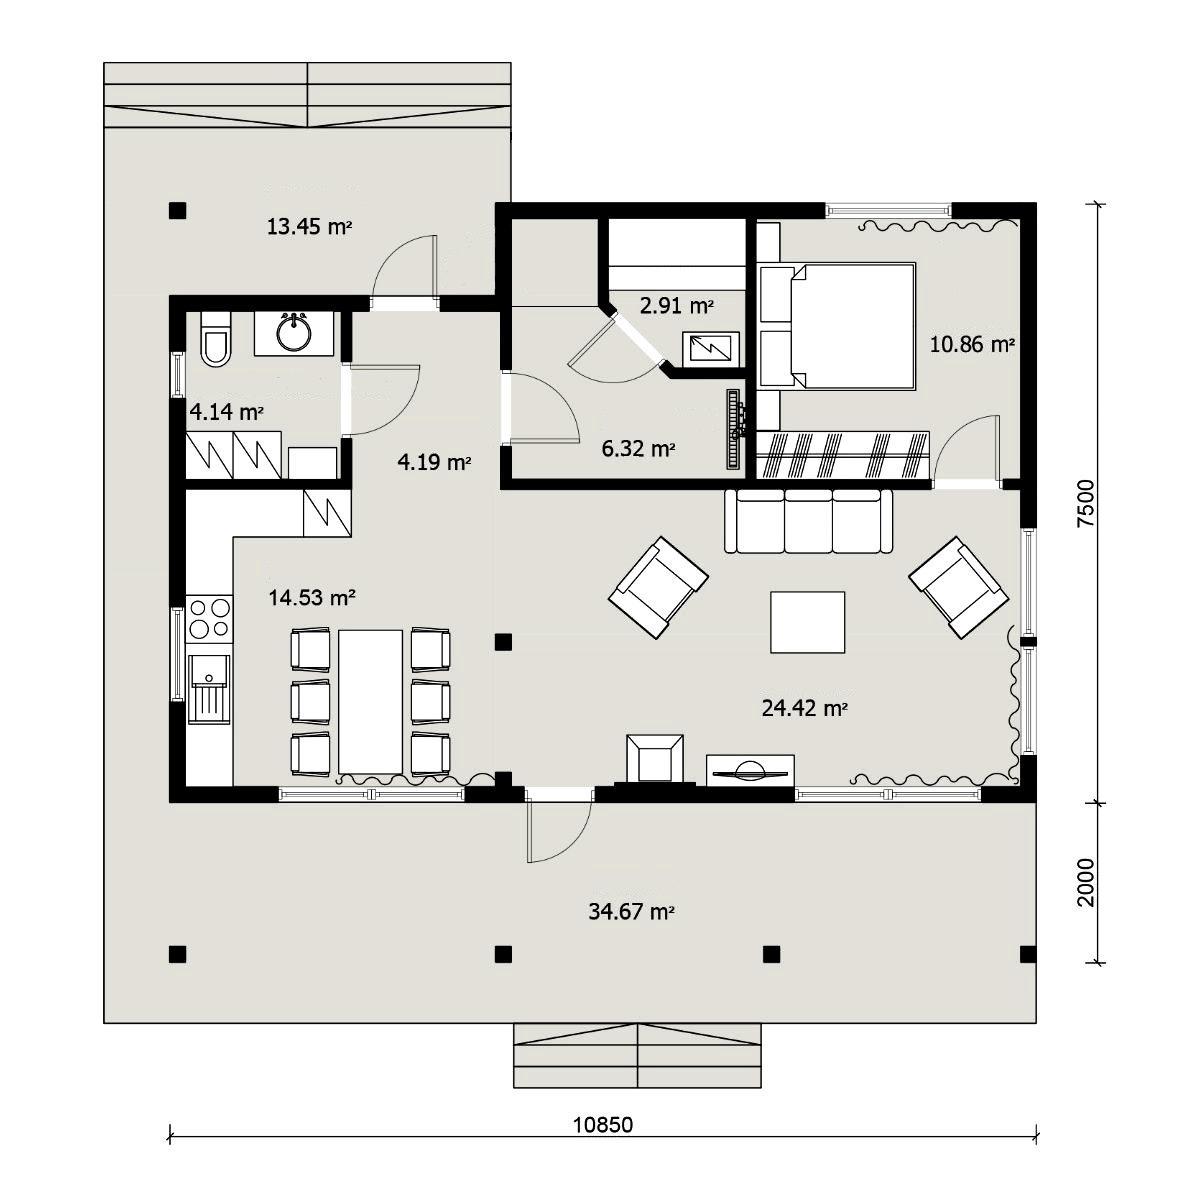 Гостевой домик планировка